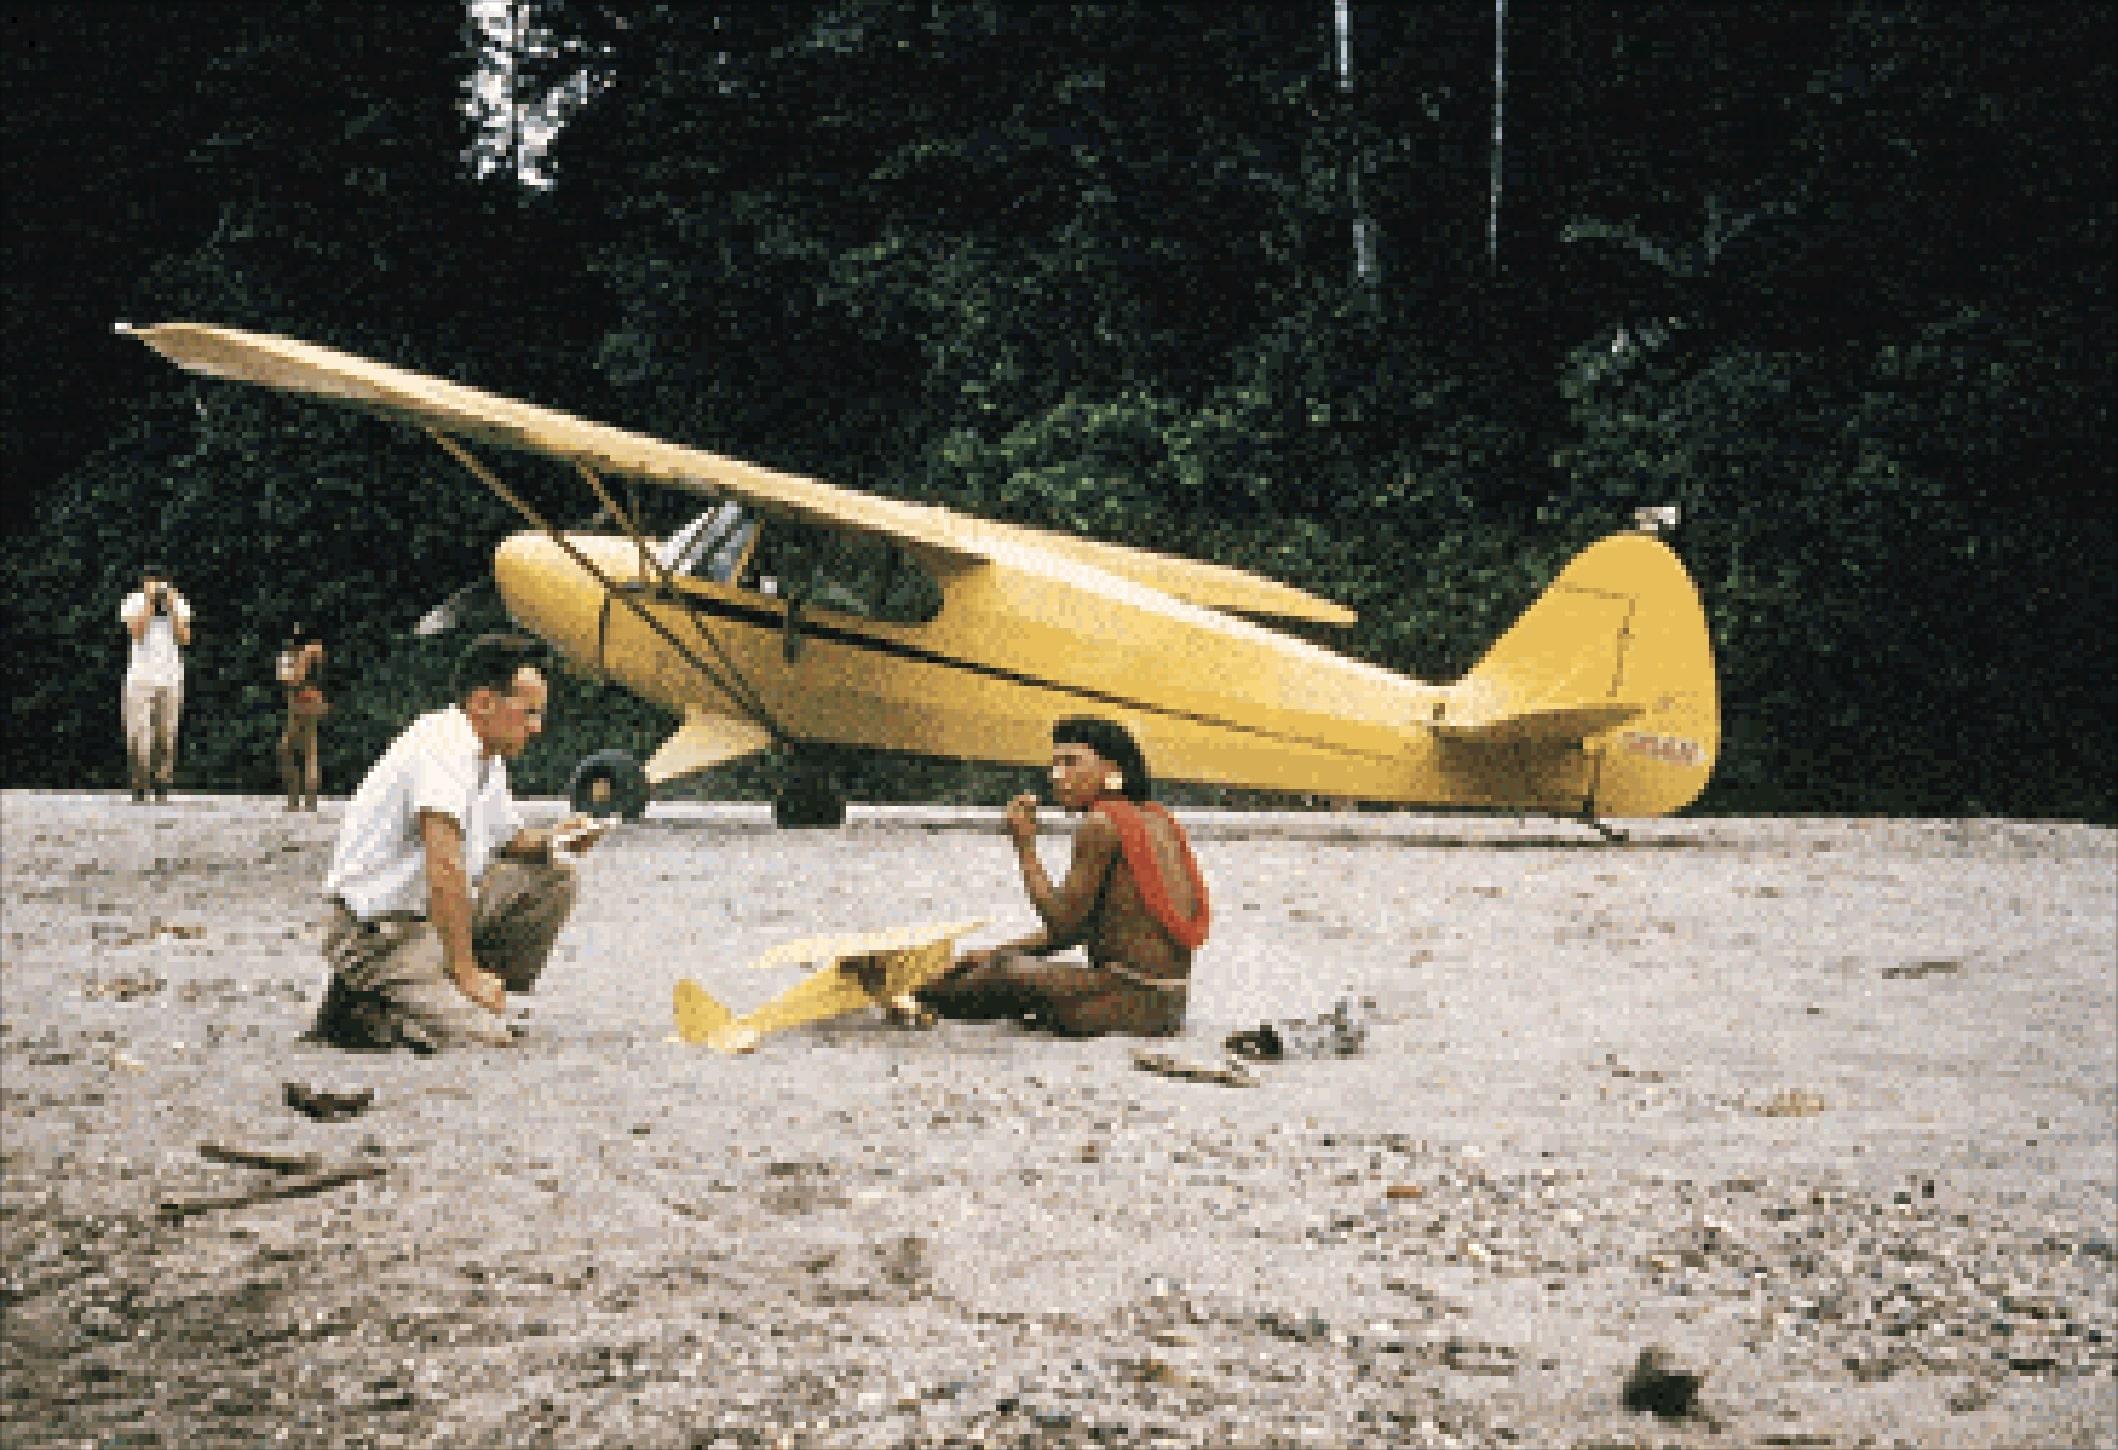 O fotografie reală făcută de unul dintre cei cinci misionari.